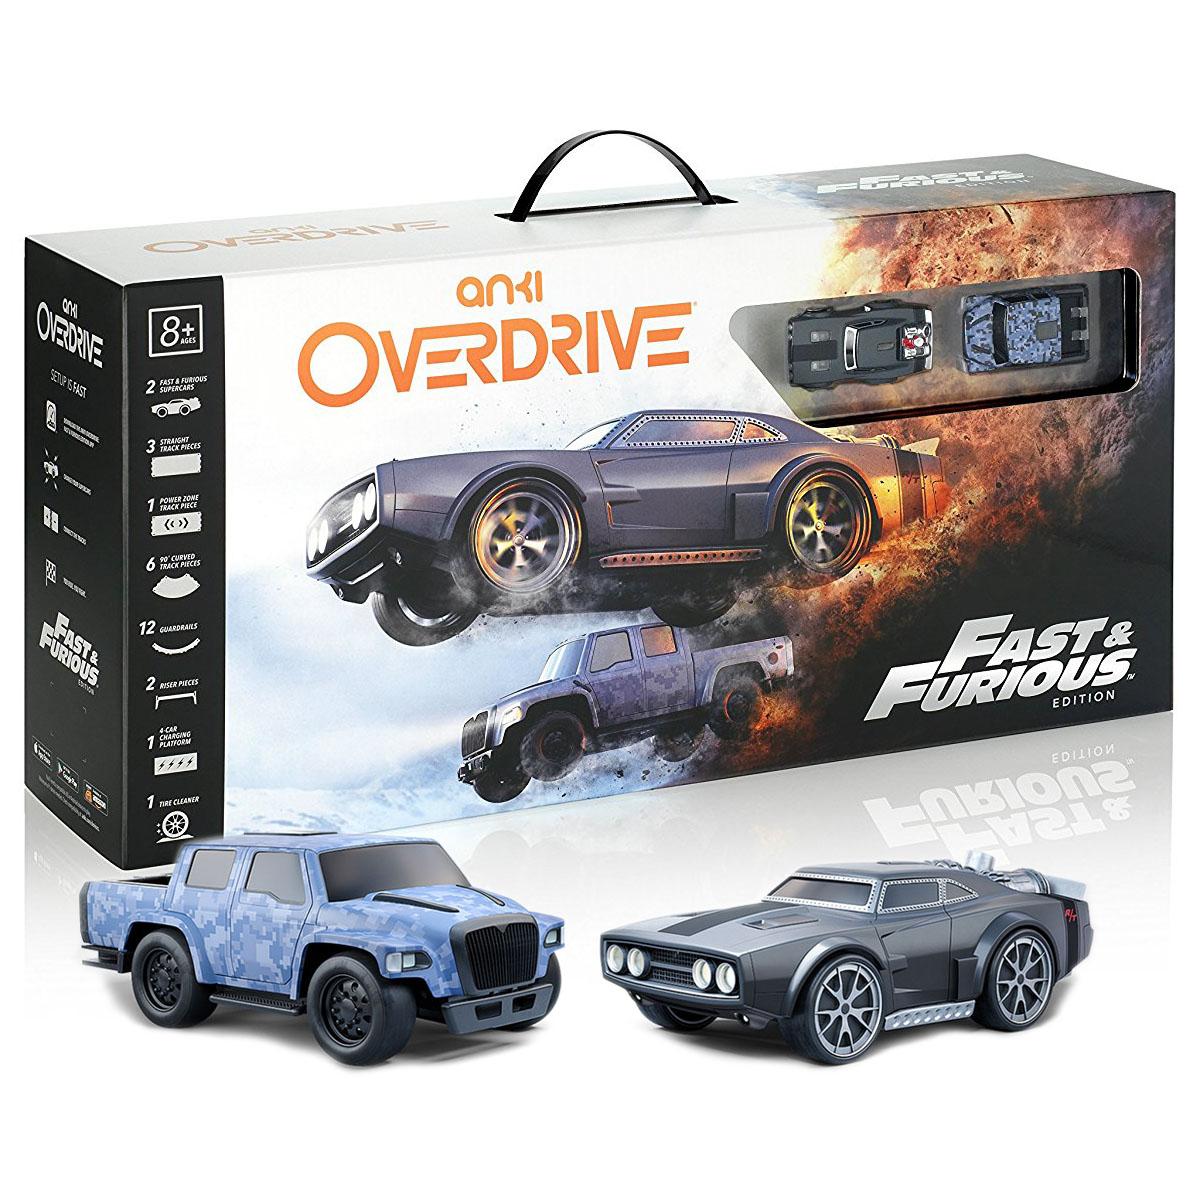 Anki Overdrive Fast &amp; Furious Edition - гоночная трасса с машинкамиГоночная трасса Anki Drive<br>Anki Overdrive — это сама настоящая видео-игра, которая перенесена в реальный мир!<br><br>Цвет: Разноцветный<br>Материал: Пластик, металл